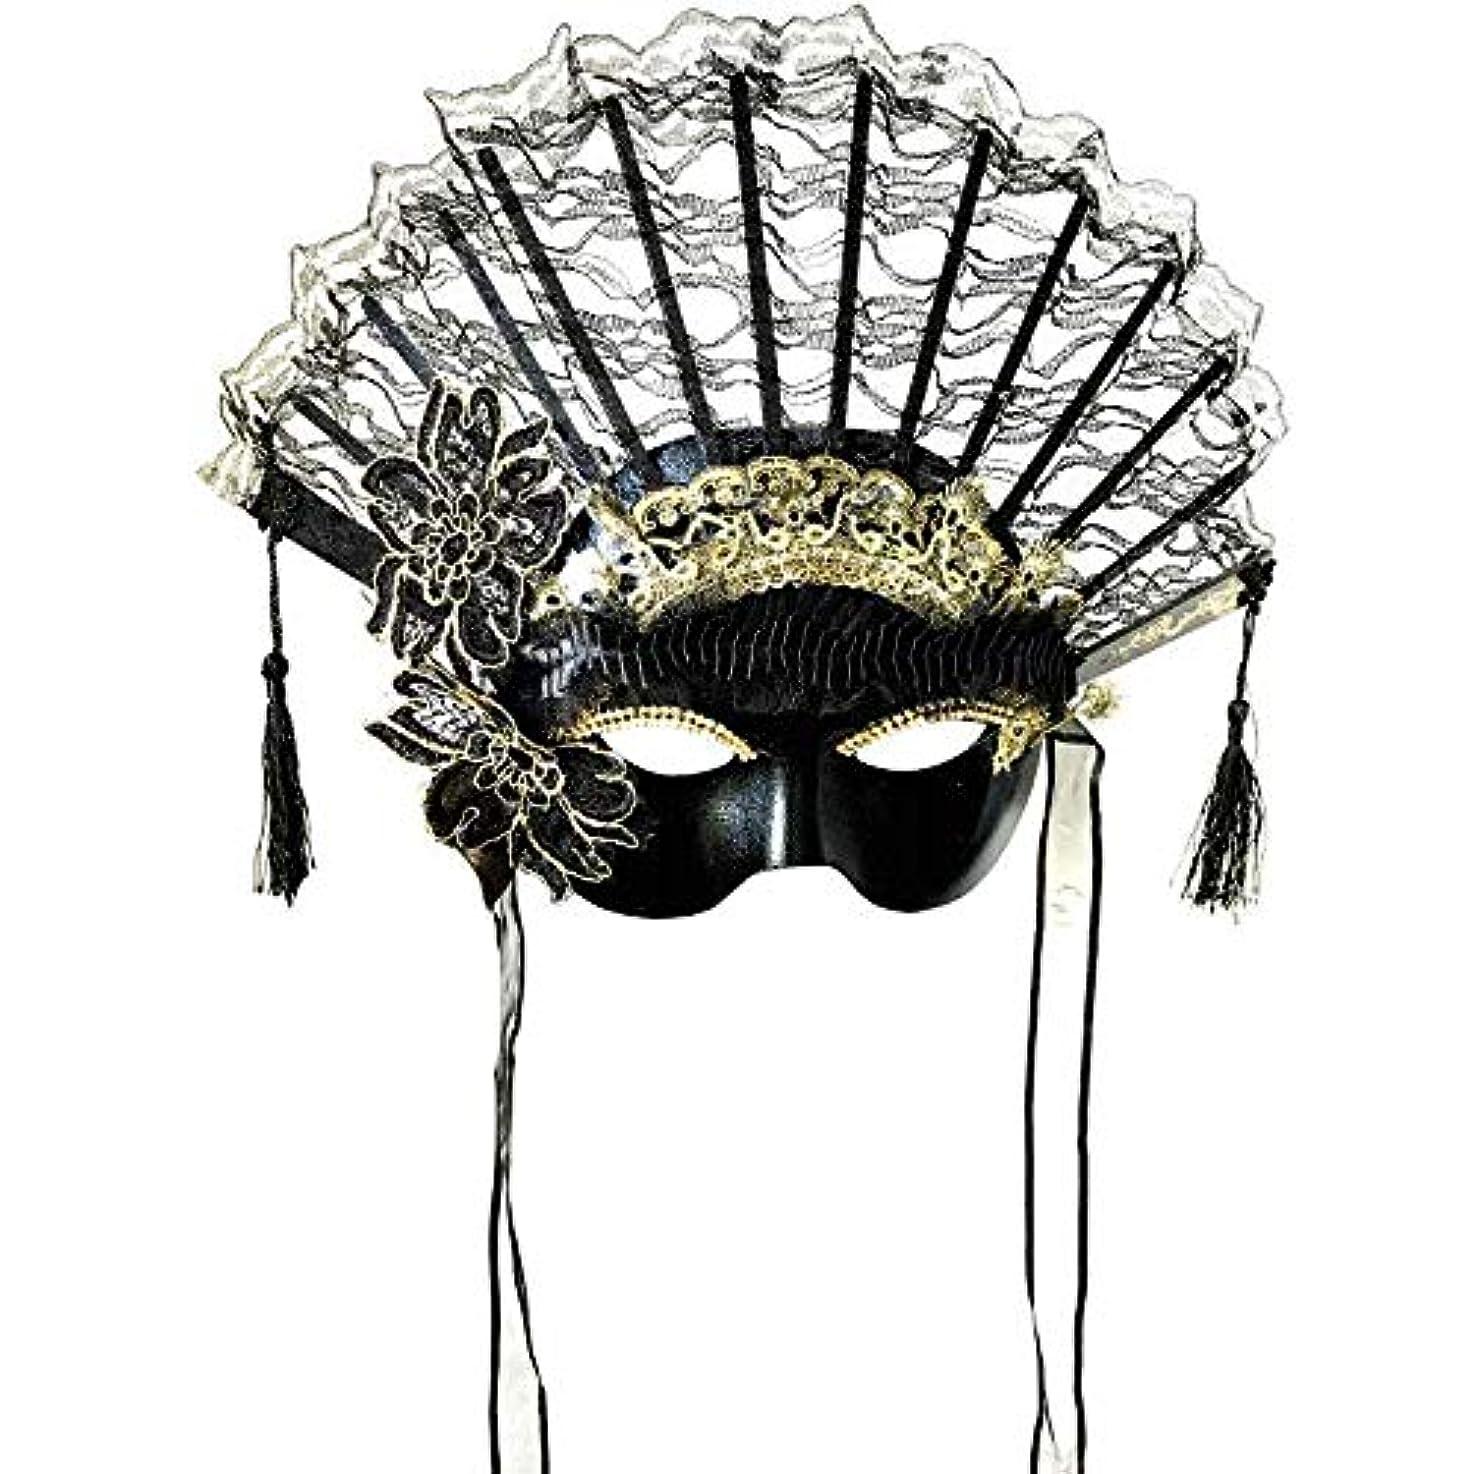 好奇心輪郭生命体Nanle ハロウィンクリスマスレースファンシェイプフラワーフリンジビーズマスク仮装マスクレディミスプリンセス美容祭パーティーデコレーションマスク (色 : Black B)